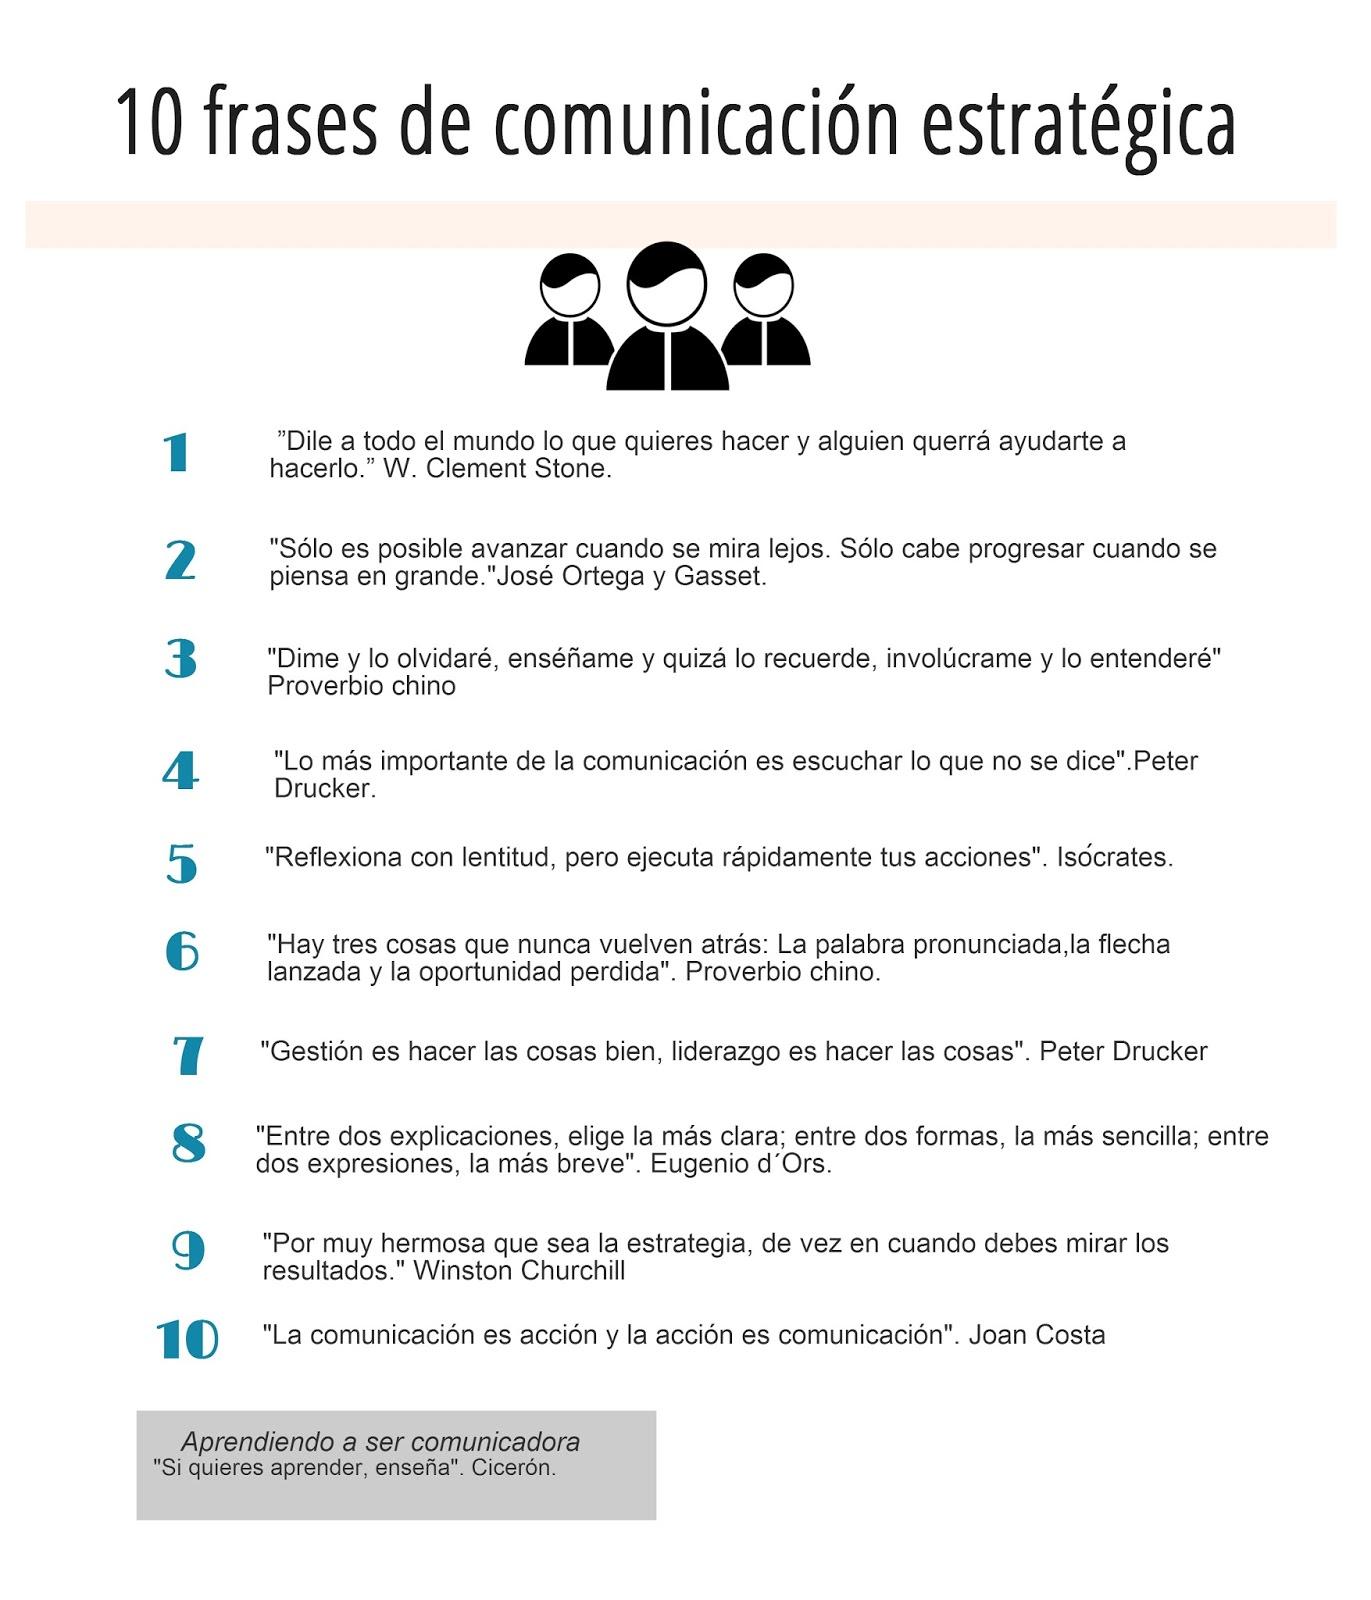 10 Frases De Comunicación Estratégica Xavier Mármol Blum